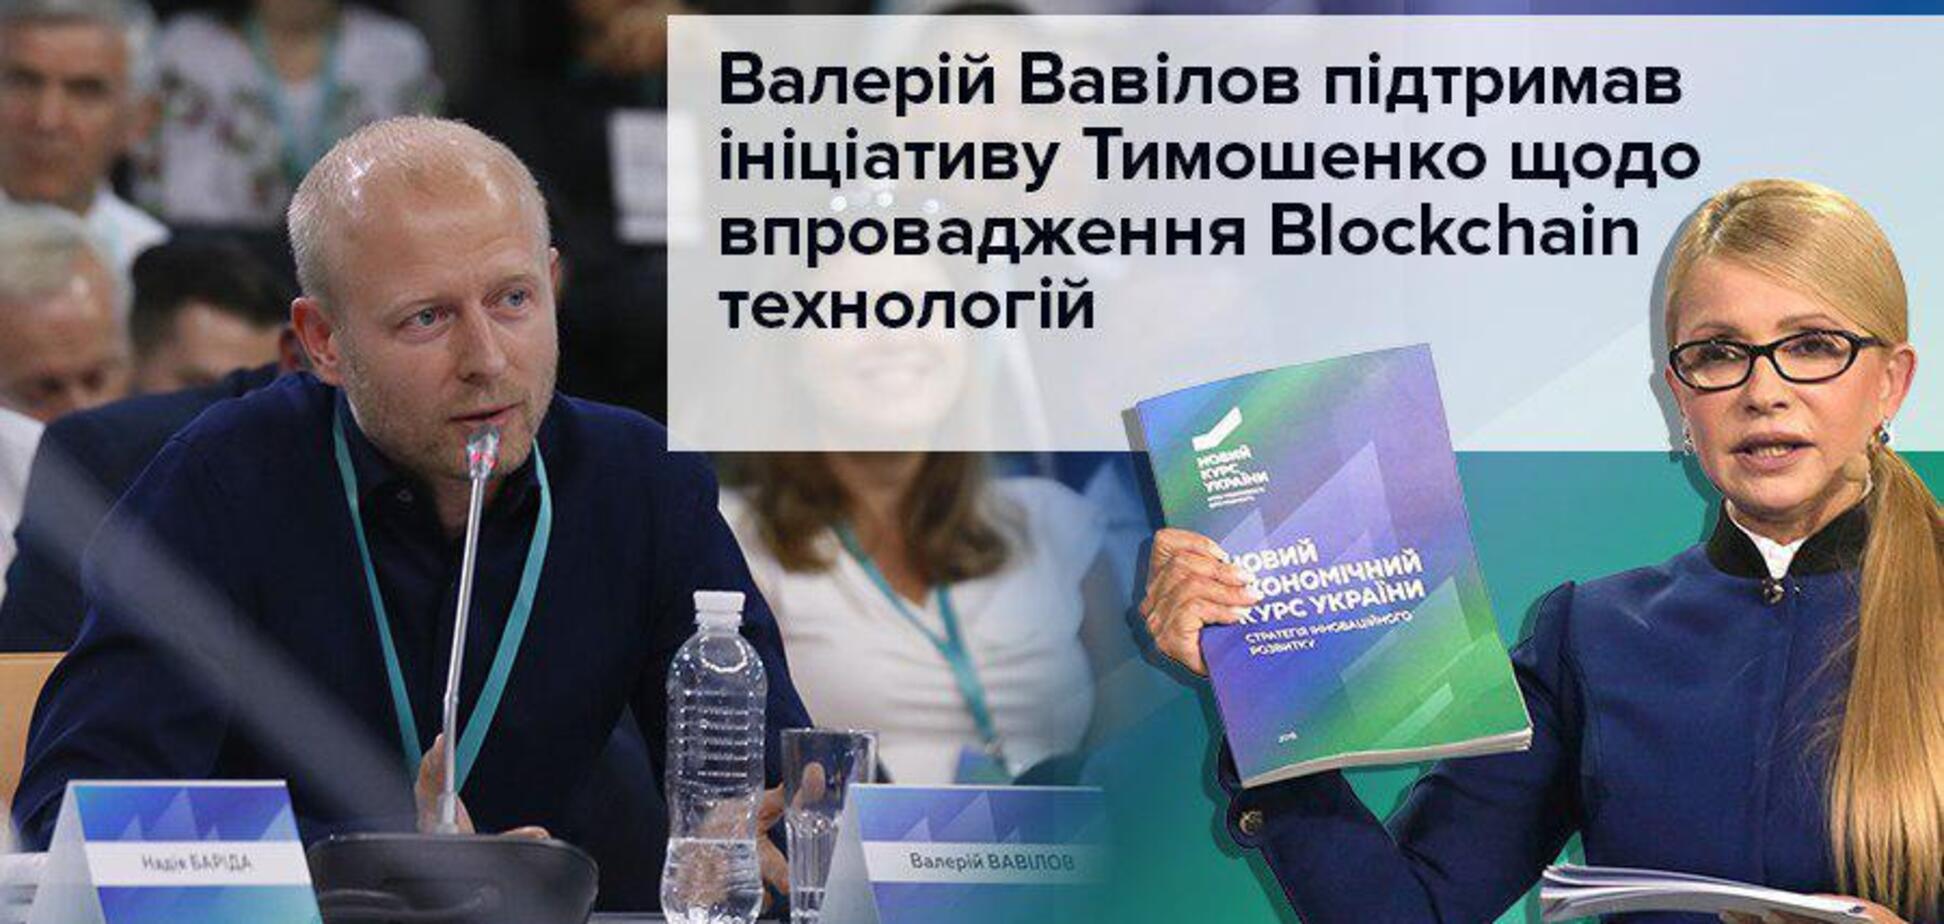 Вавилов поддержал инициативу Тимошенко о Blockchain в Украине